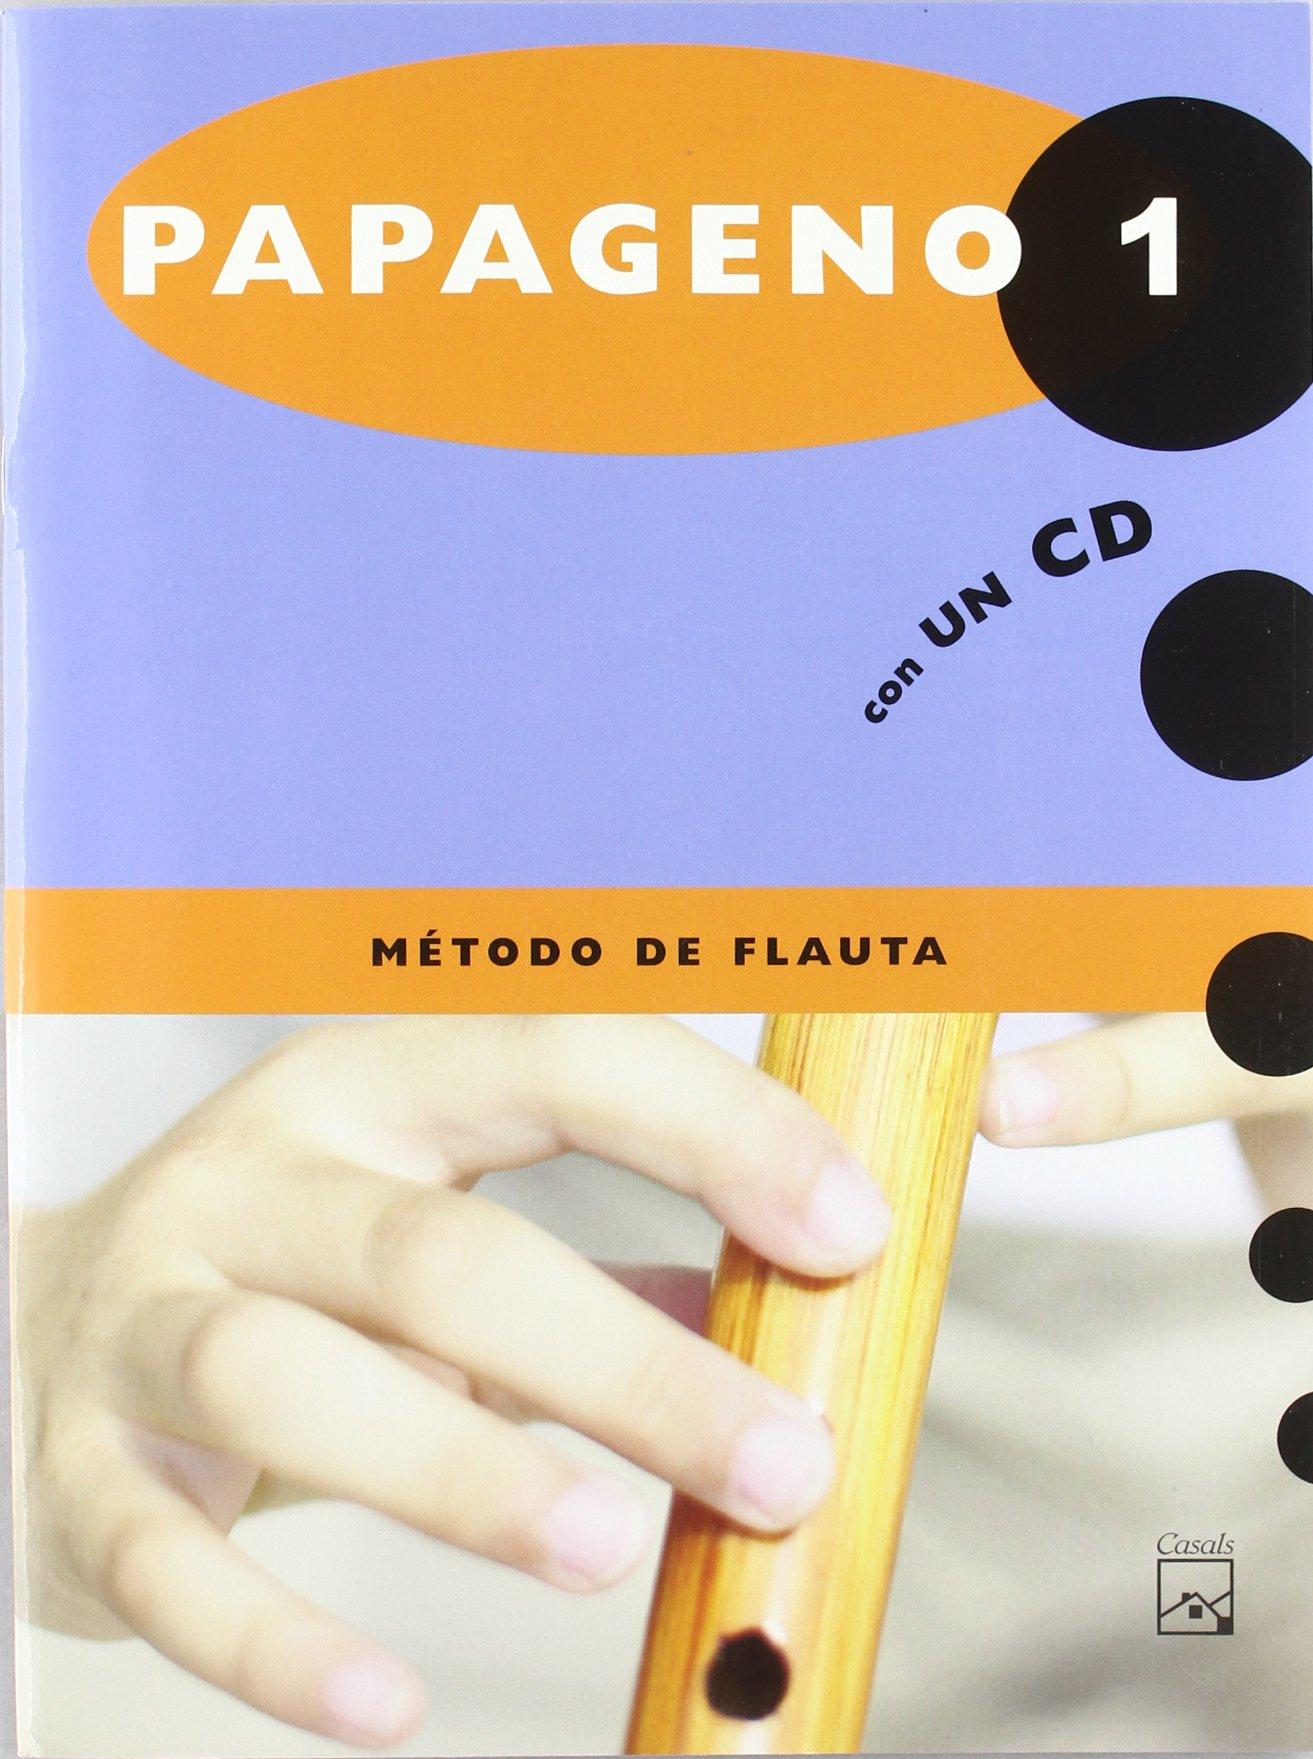 Papageno 1. Método de flauta